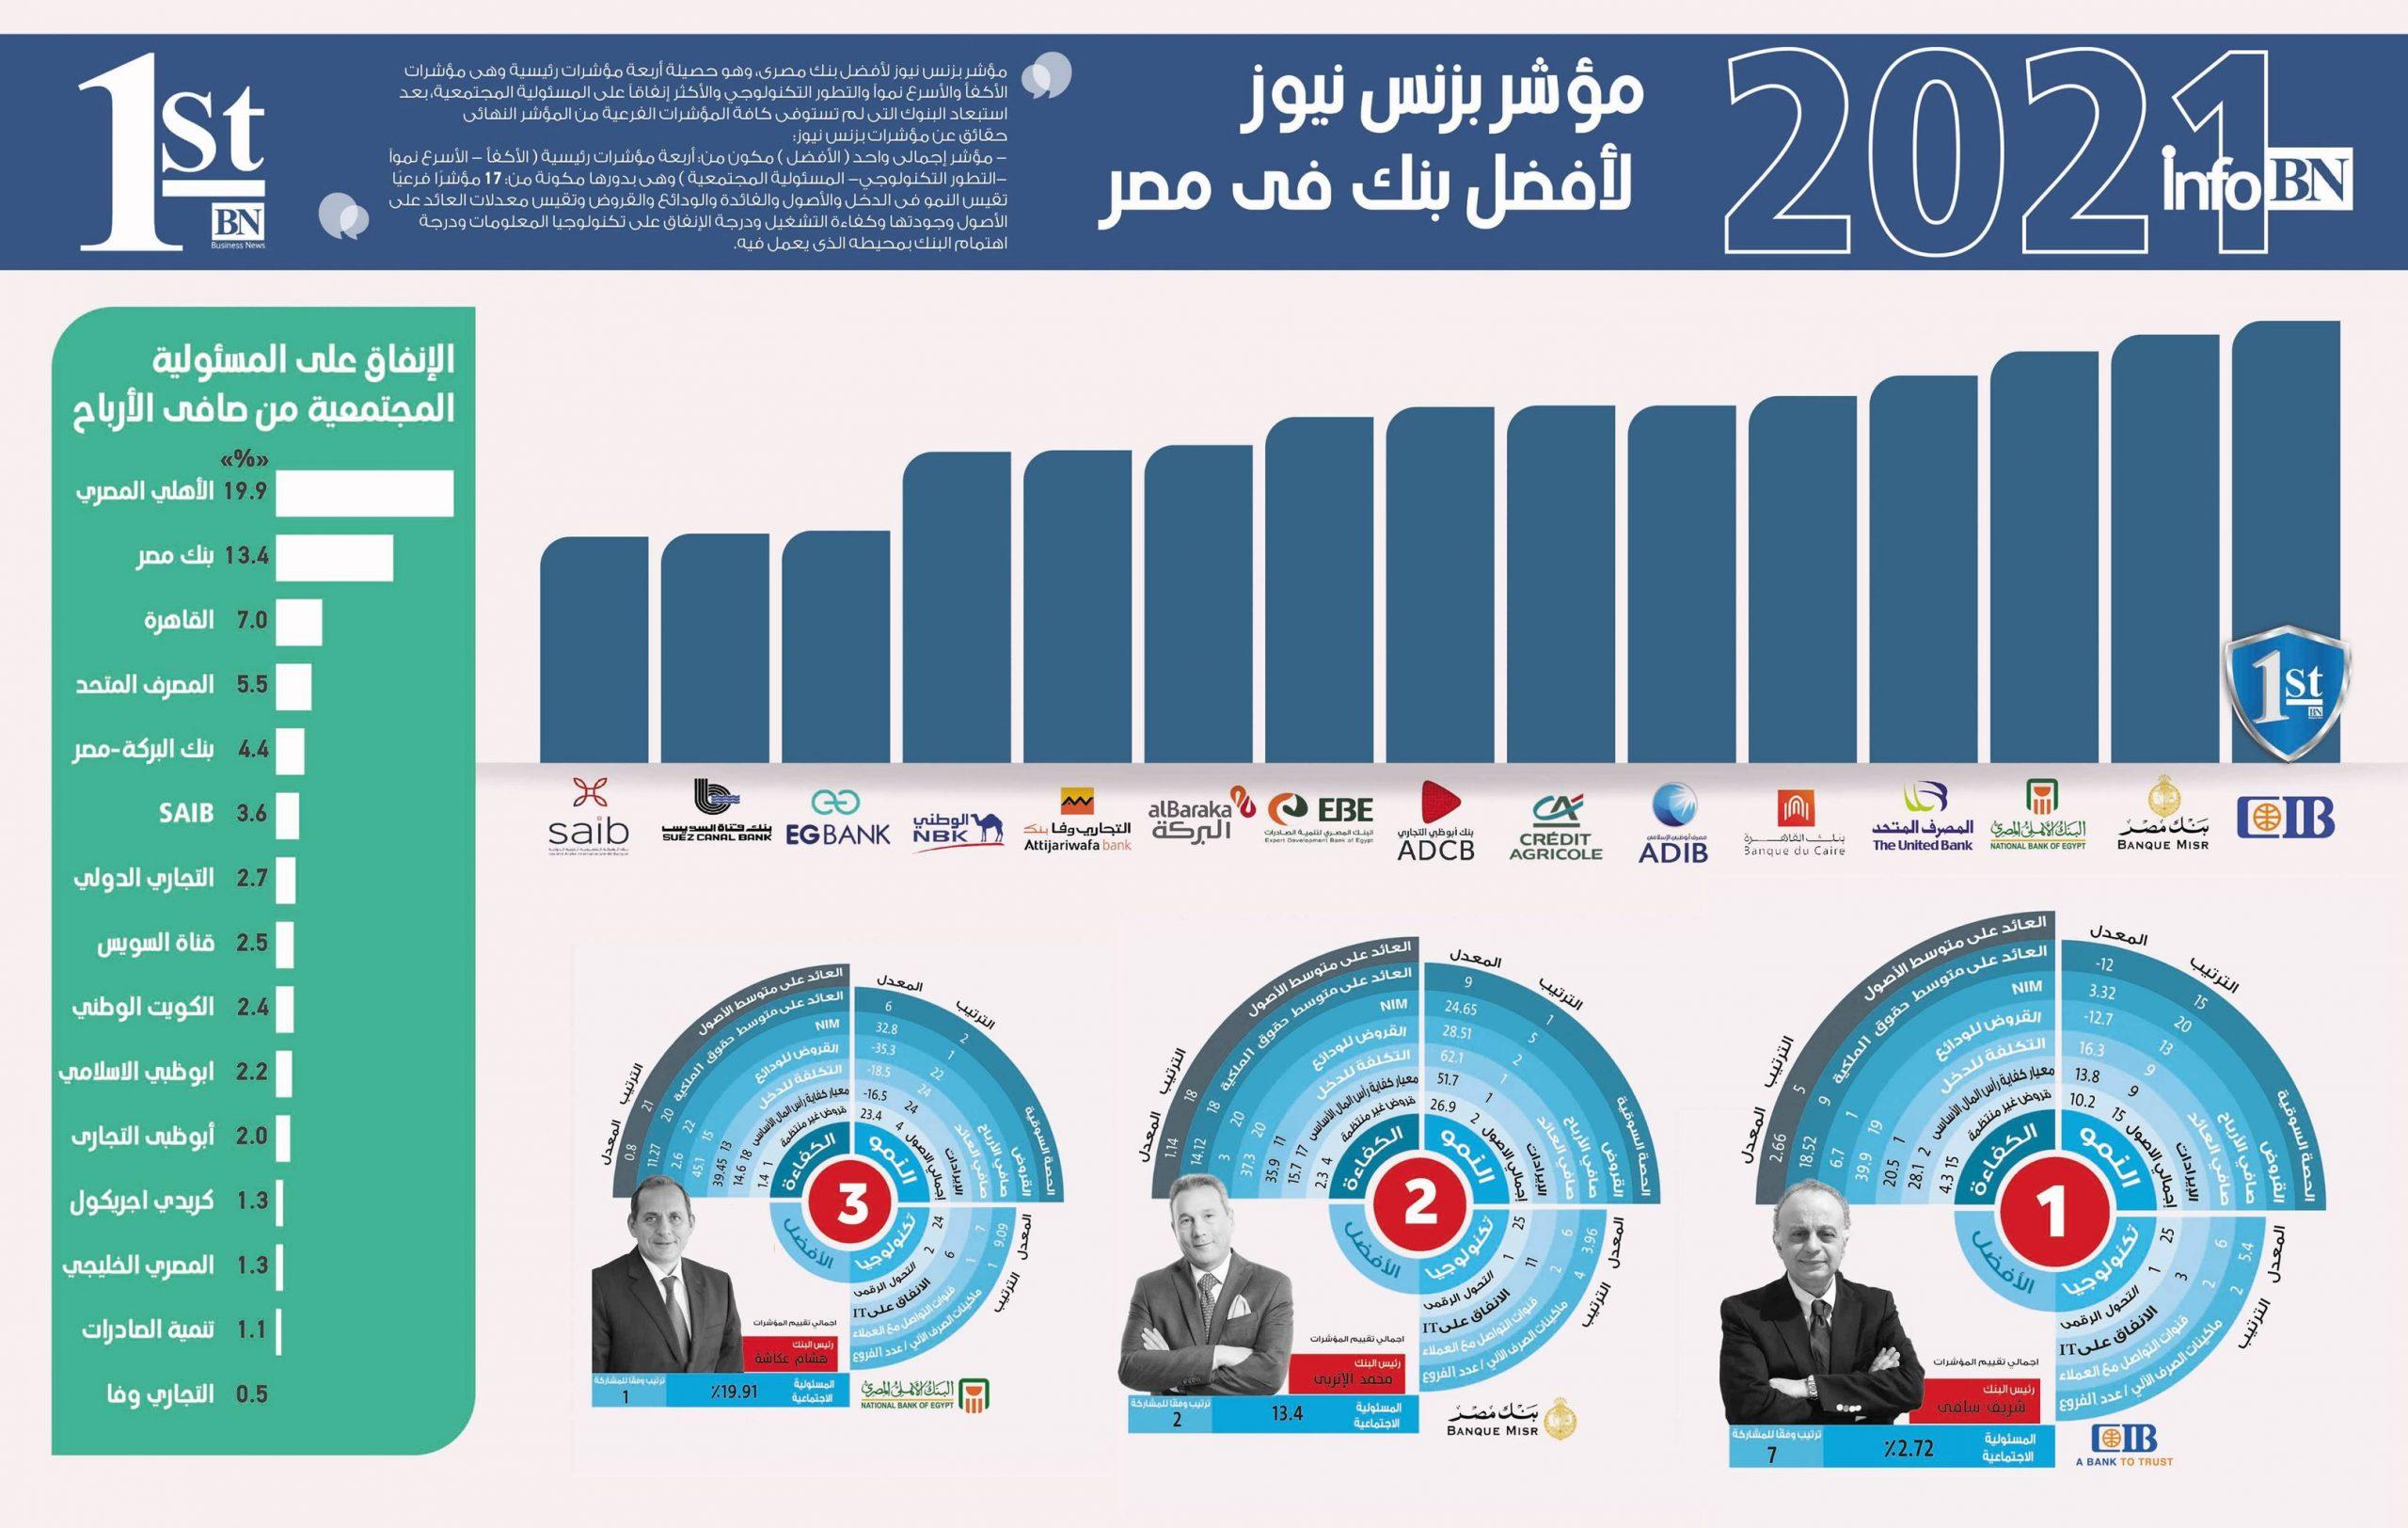 """بزنس نيوز: """"التجارى الدولى"""" بنك العام والأكفأ.. و""""مصر"""" الأسرع نموًا"""